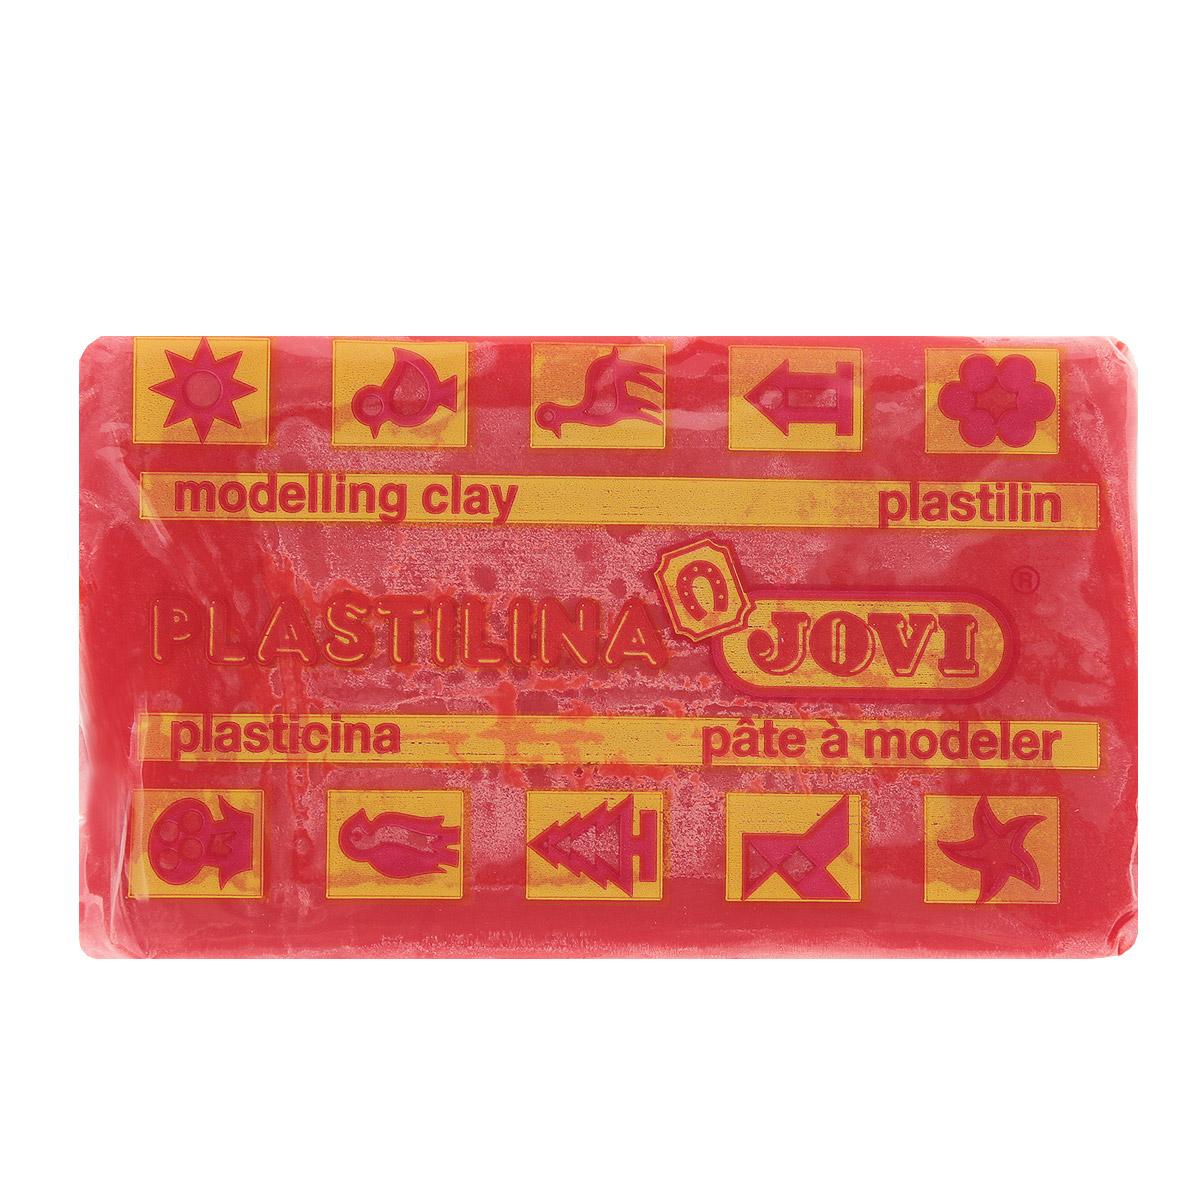 Jovi Пластилин, цвет: красный, 50 г72523WDПластилин Jovi - лучший выбор для лепки, он обладает превосходными изобразительными возможностями и поэтому дает простор воображению и самым смелым творческим замыслам. Пластилин, изготовленный на растительной основе, очень мягкий, легко разминается и смешивается, не пачкает руки и не прилипает к рабочей поверхности. Пластилин пригоден для создания аппликаций и поделок, ручной лепки, моделирования на каркасе, пластилиновой живописи - рисовании пластилином по бумаге, картону, дереву или текстилю. Пластические свойства сохраняются в течение 5 лет.